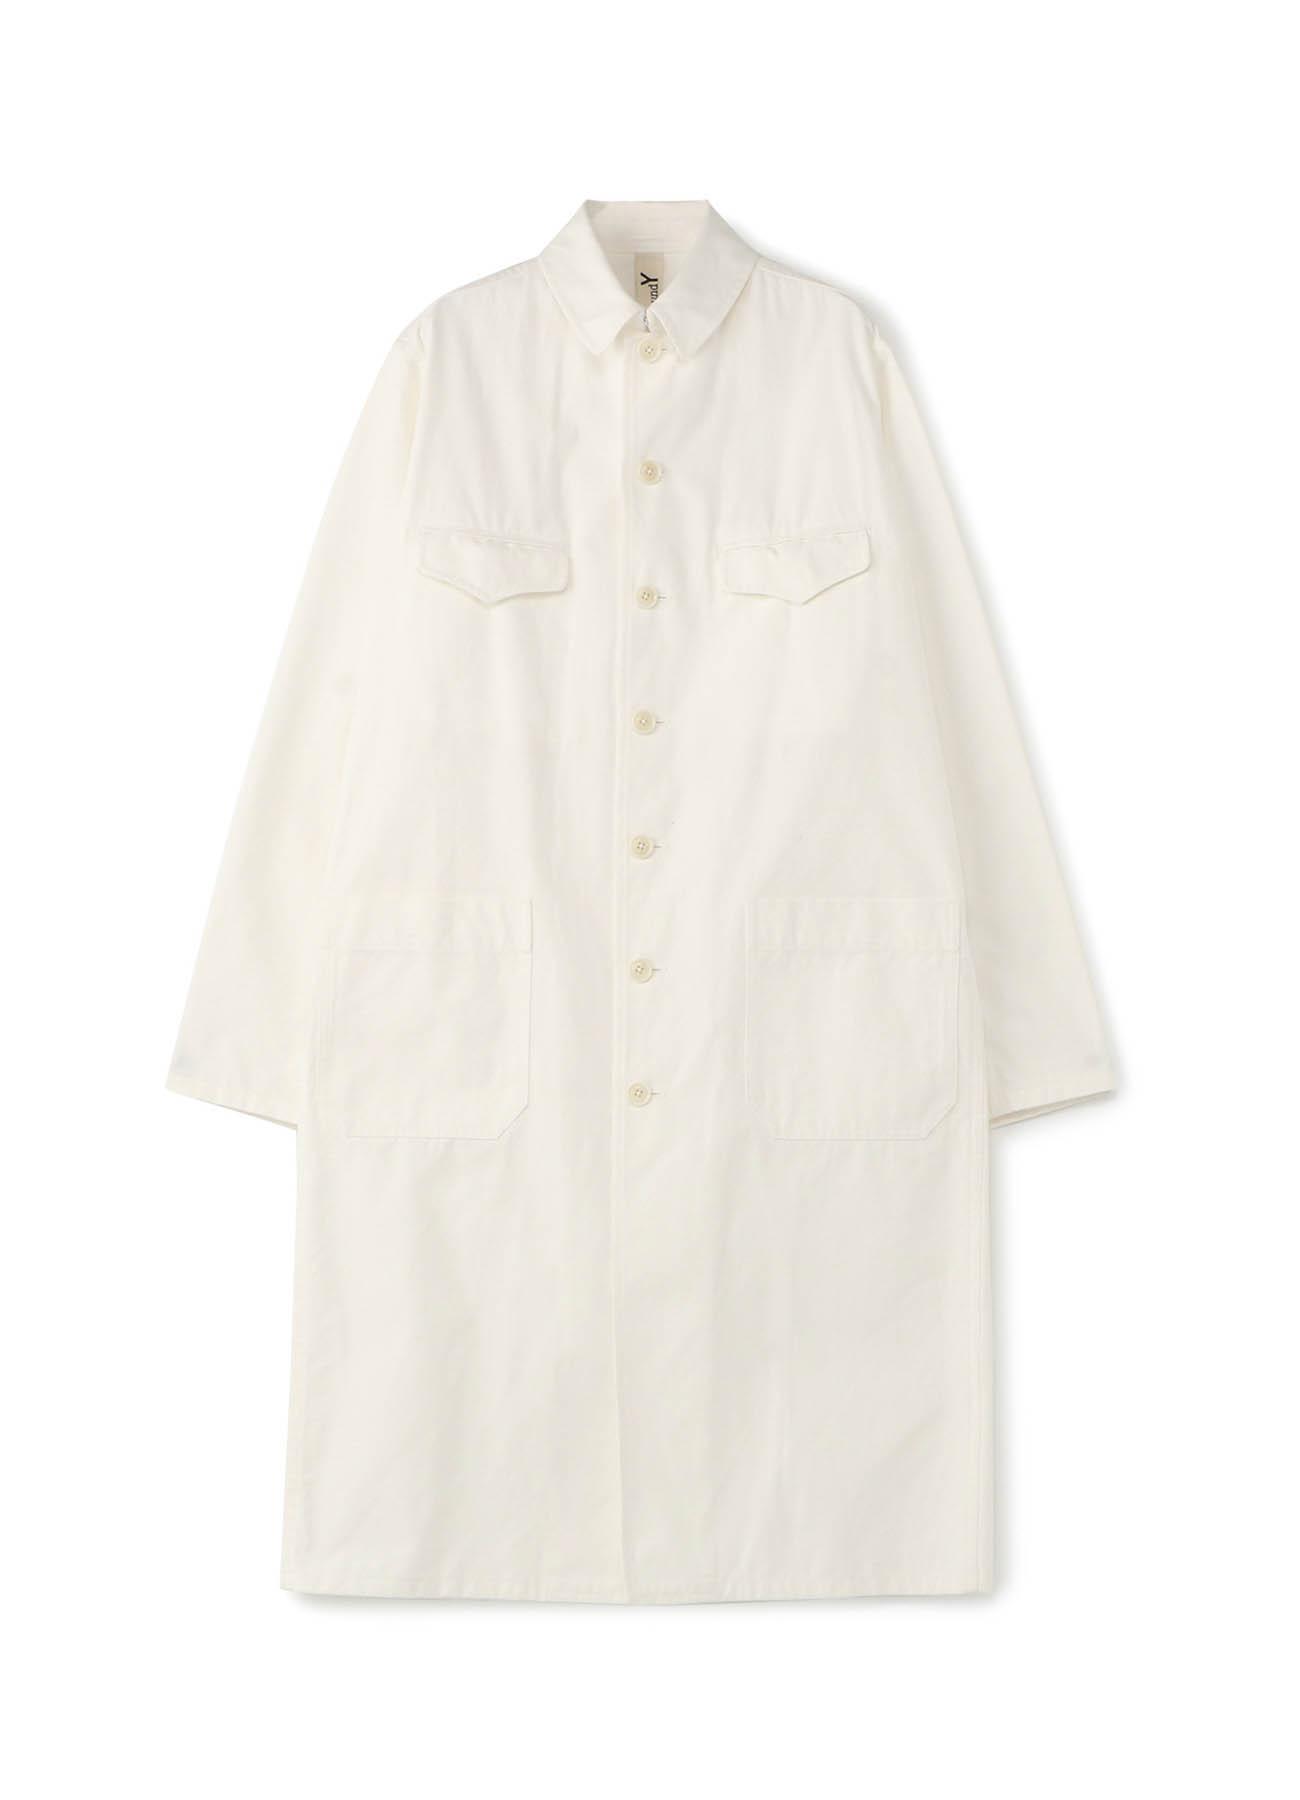 79A棉帆布 军用长款衬衫